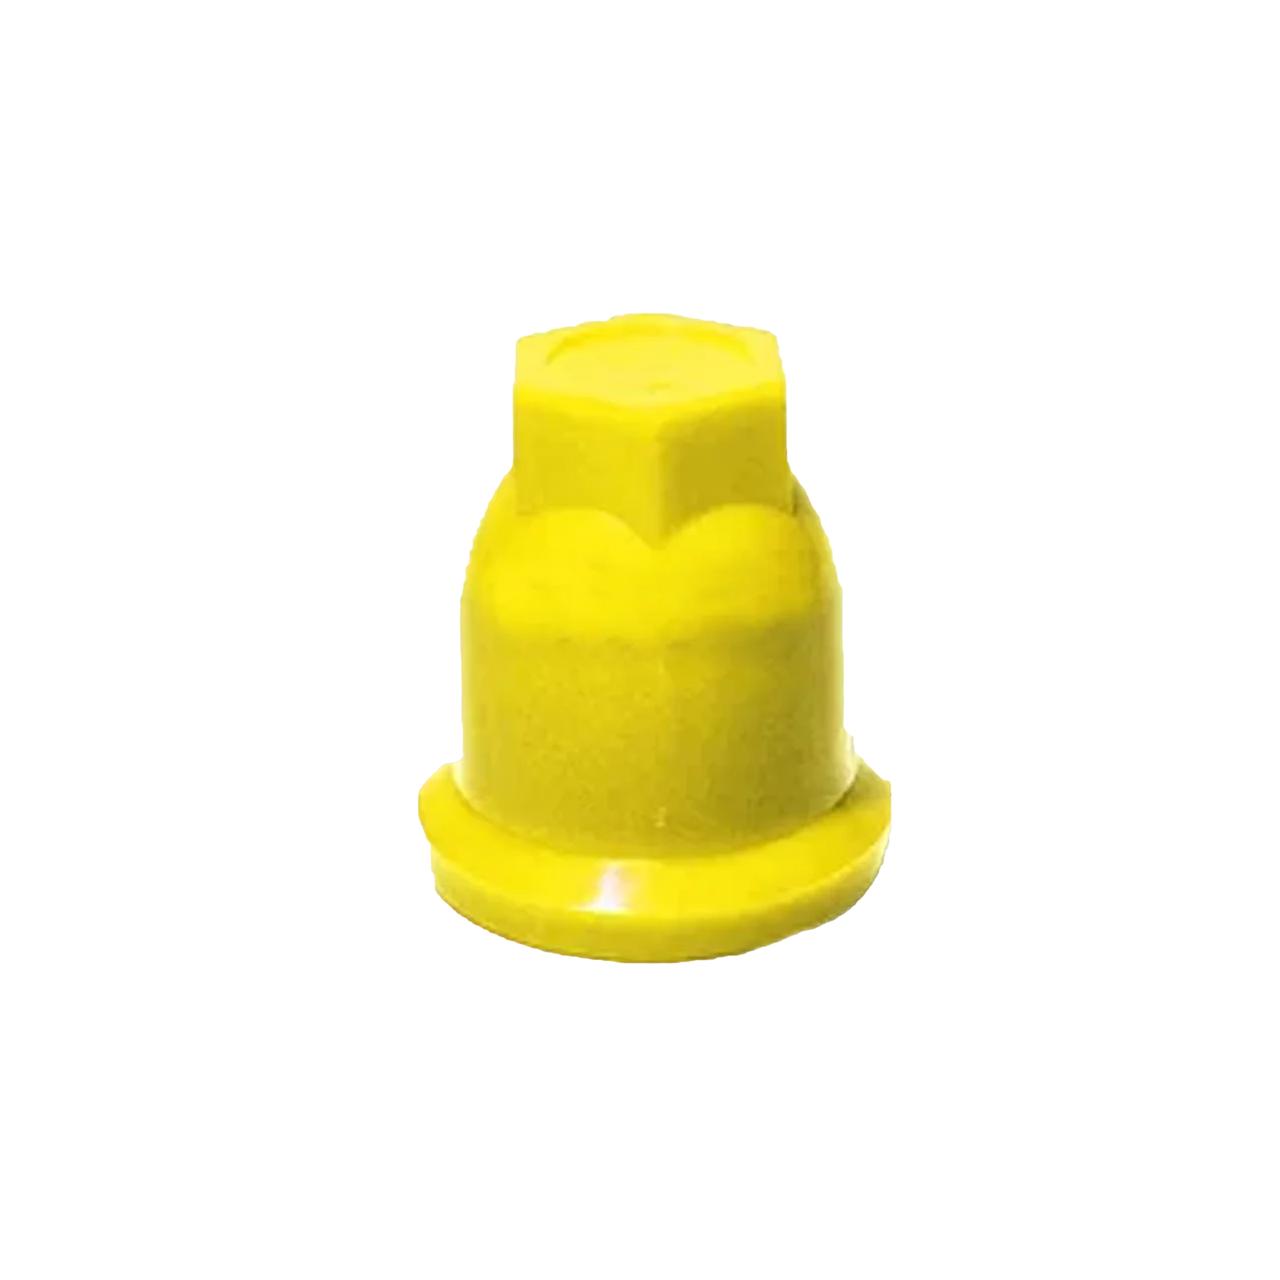 Колпачок пластиковый на гайку 32 Желтый